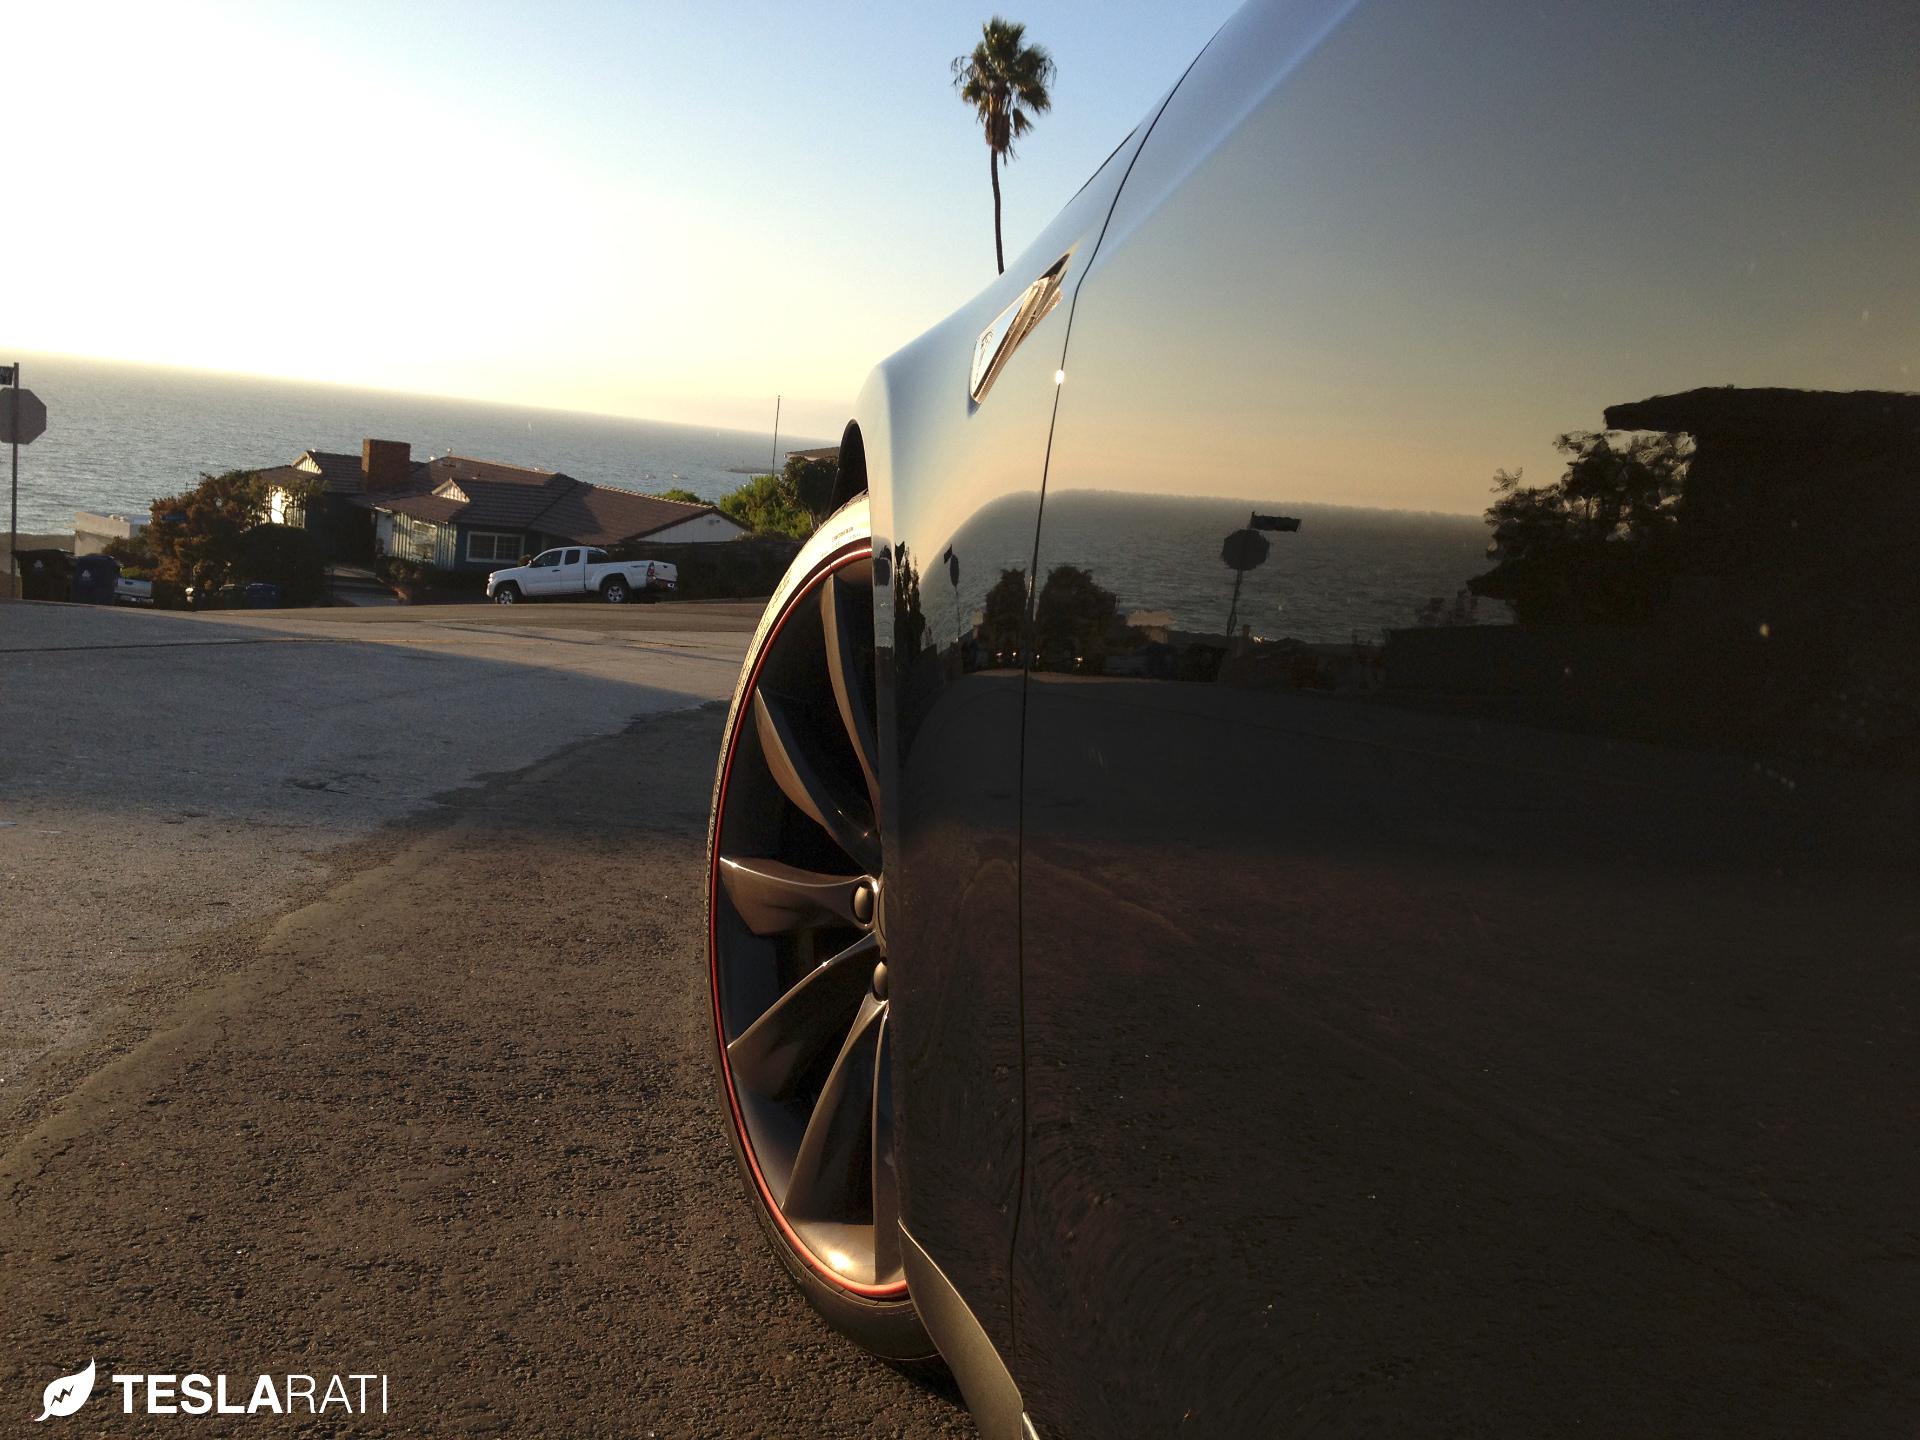 Rimblades-Tesla-Model-S-Front-Wheel-Ocean